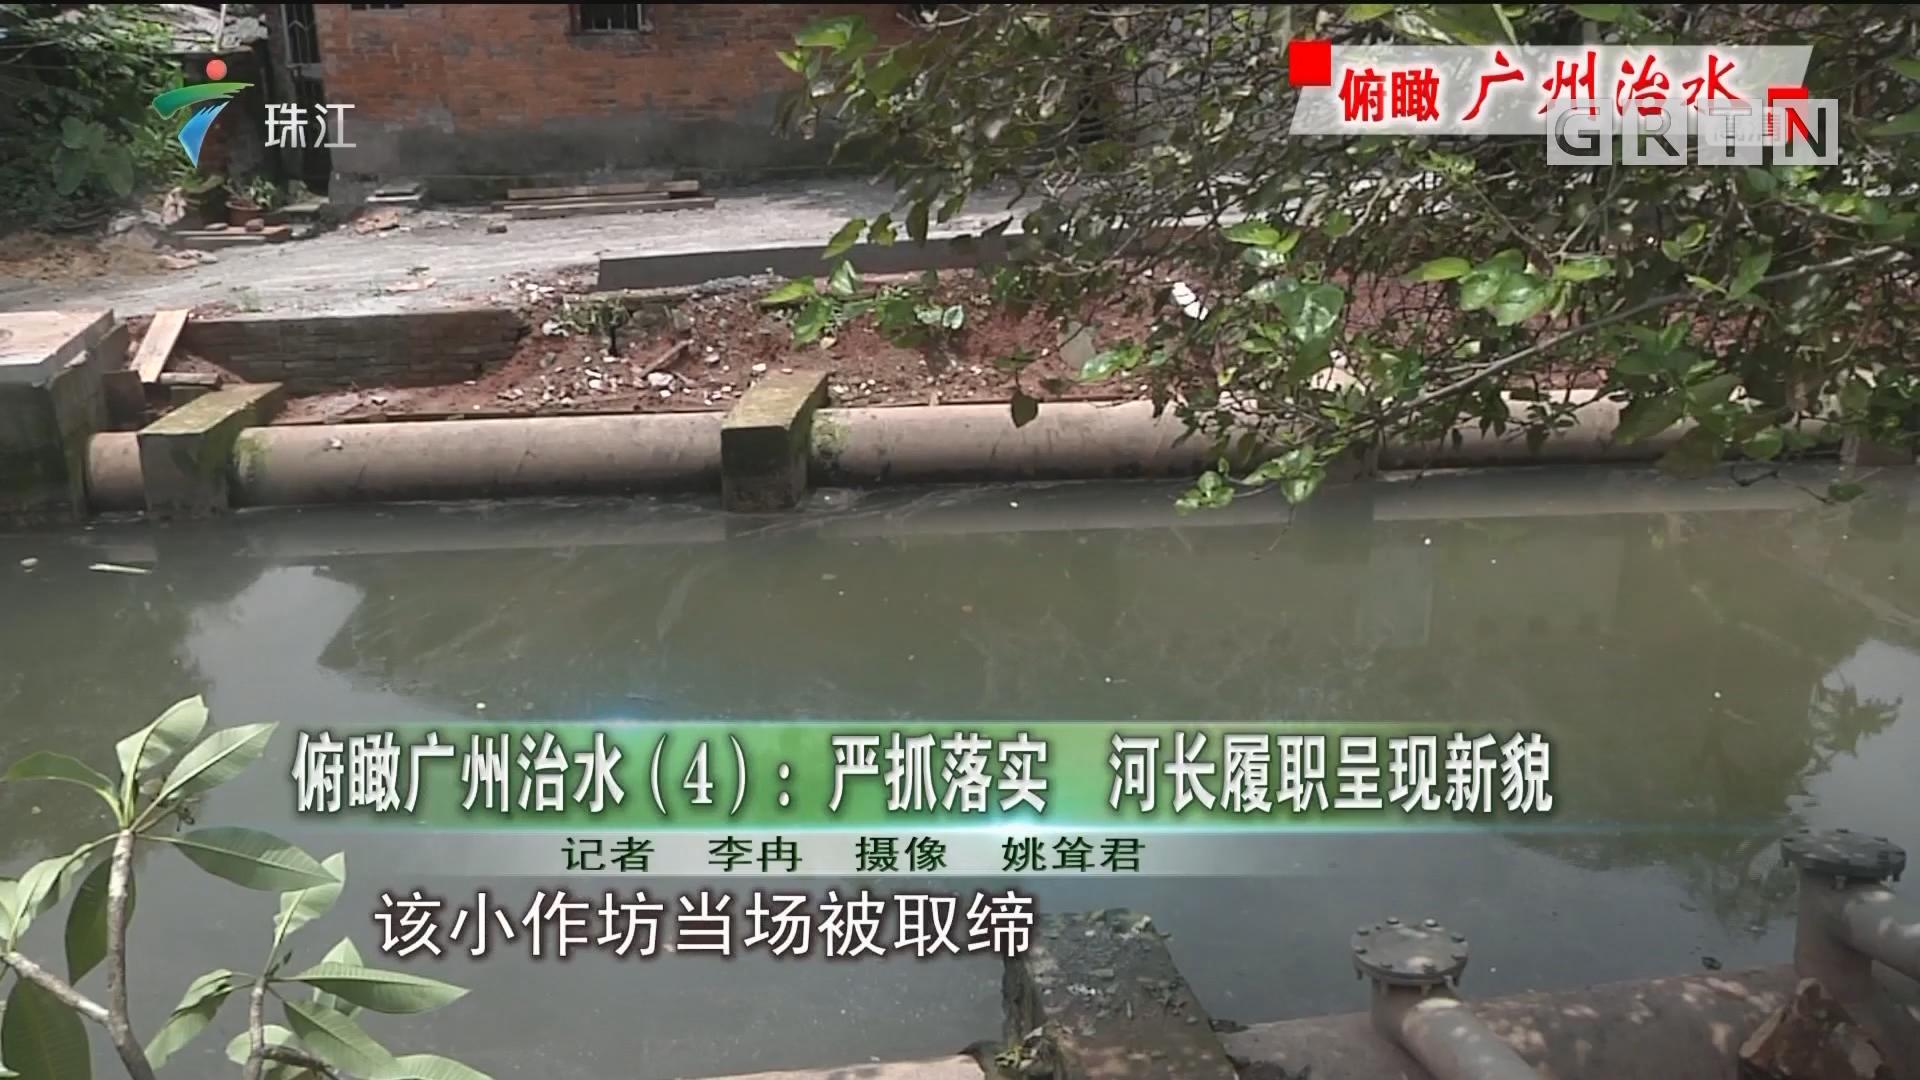 俯瞰广州治水(4):严抓落实 河长履职呈现新貌